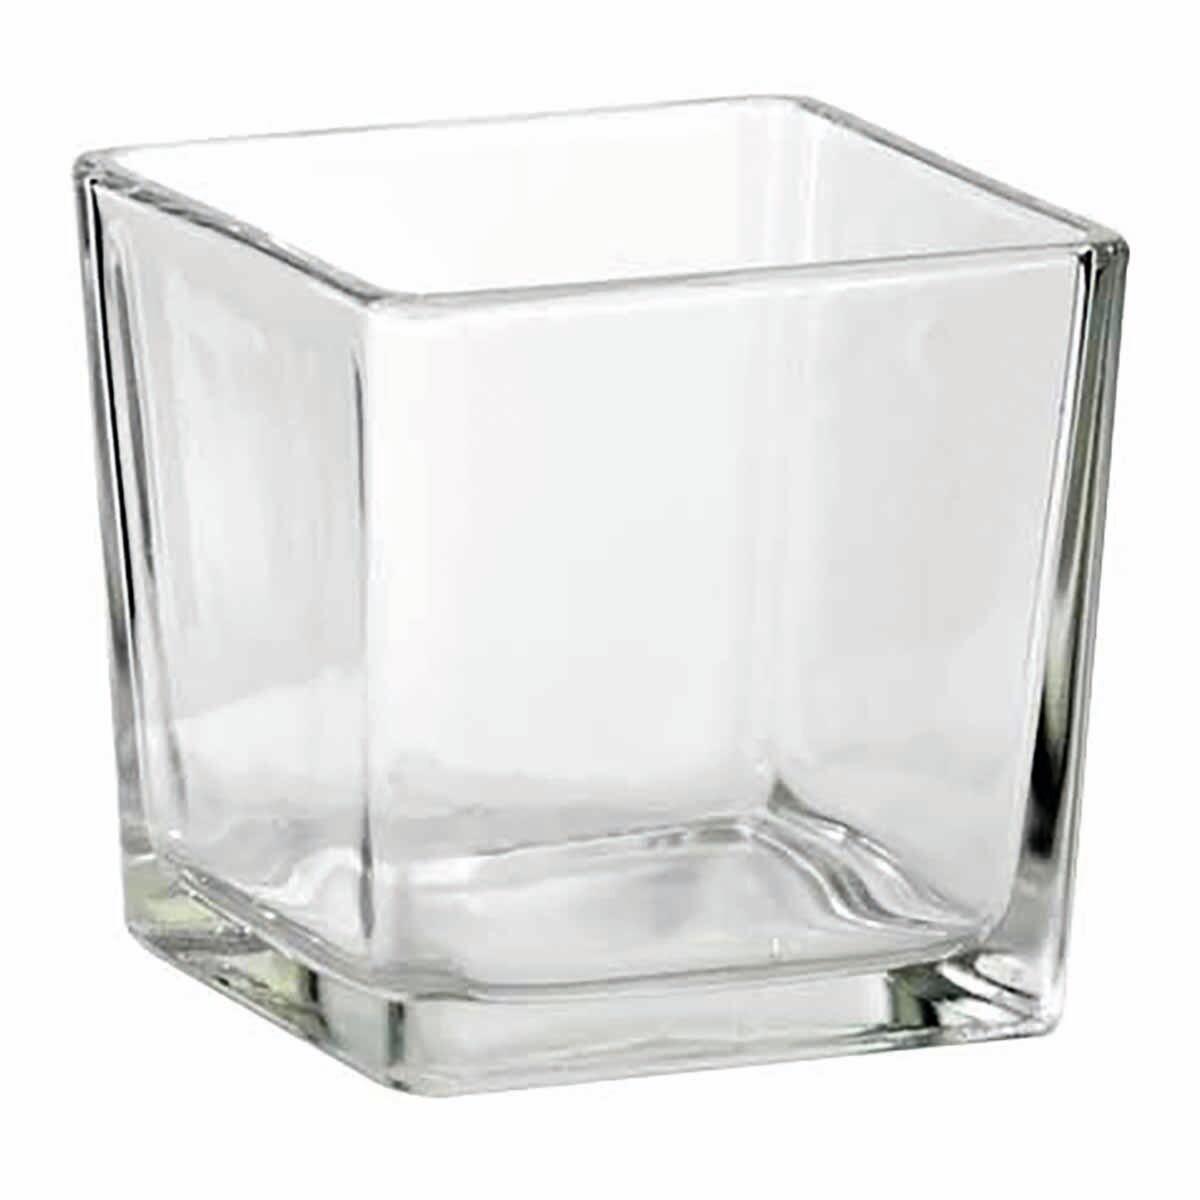 Vaso in vetro L 8 x H 8 cm